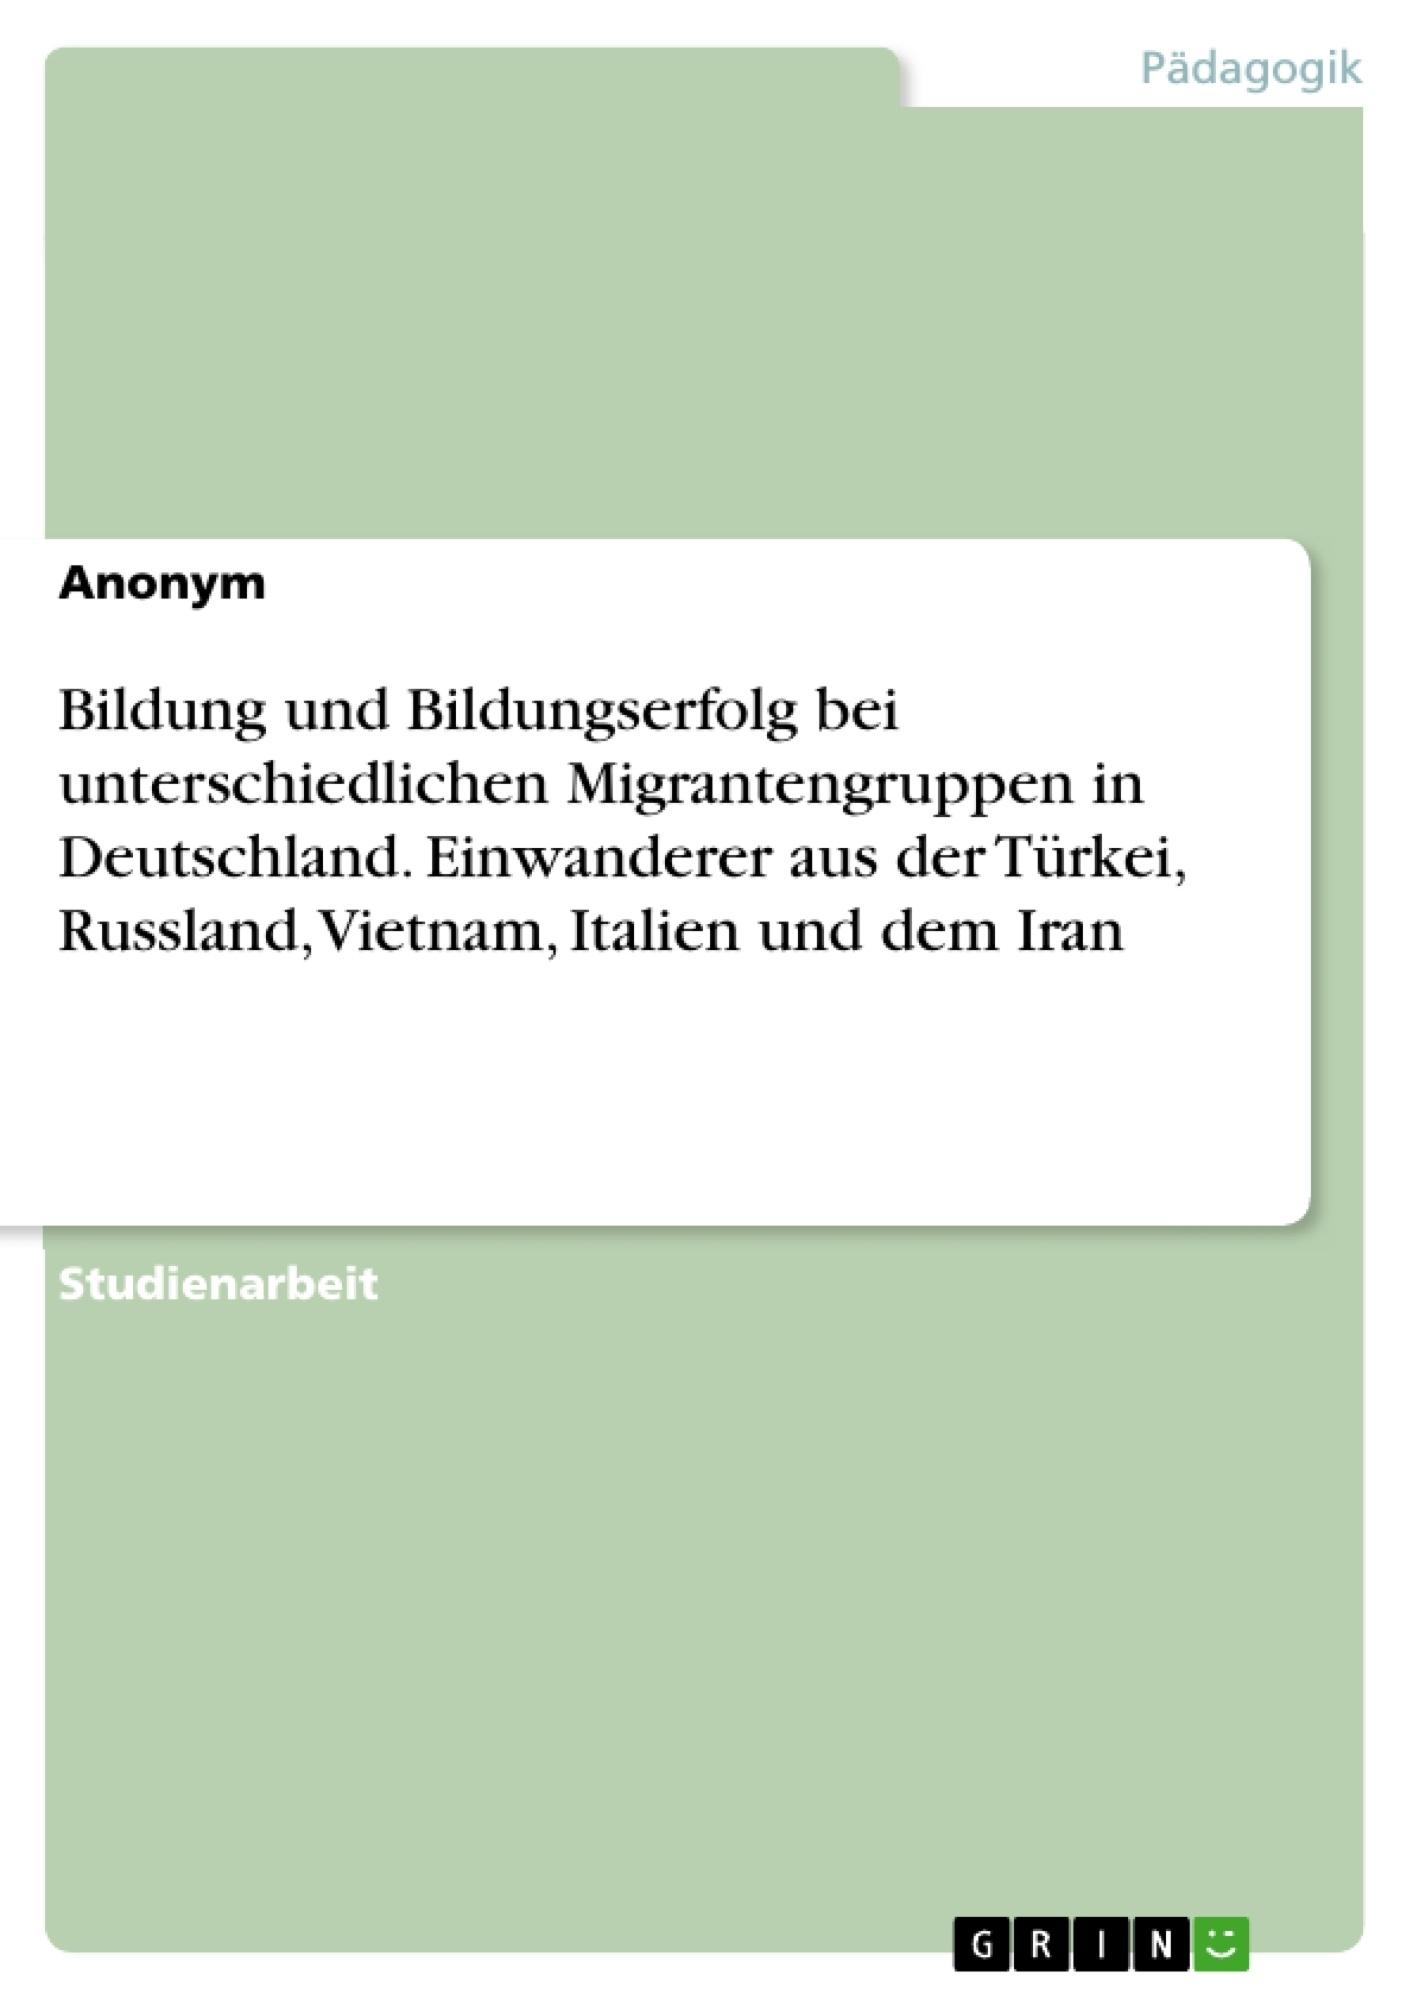 Titel: Bildung und Bildungserfolg bei unterschiedlichen Migrantengruppen in Deutschland. Einwanderer aus der Türkei, Russland, Vietnam, Italien und dem Iran